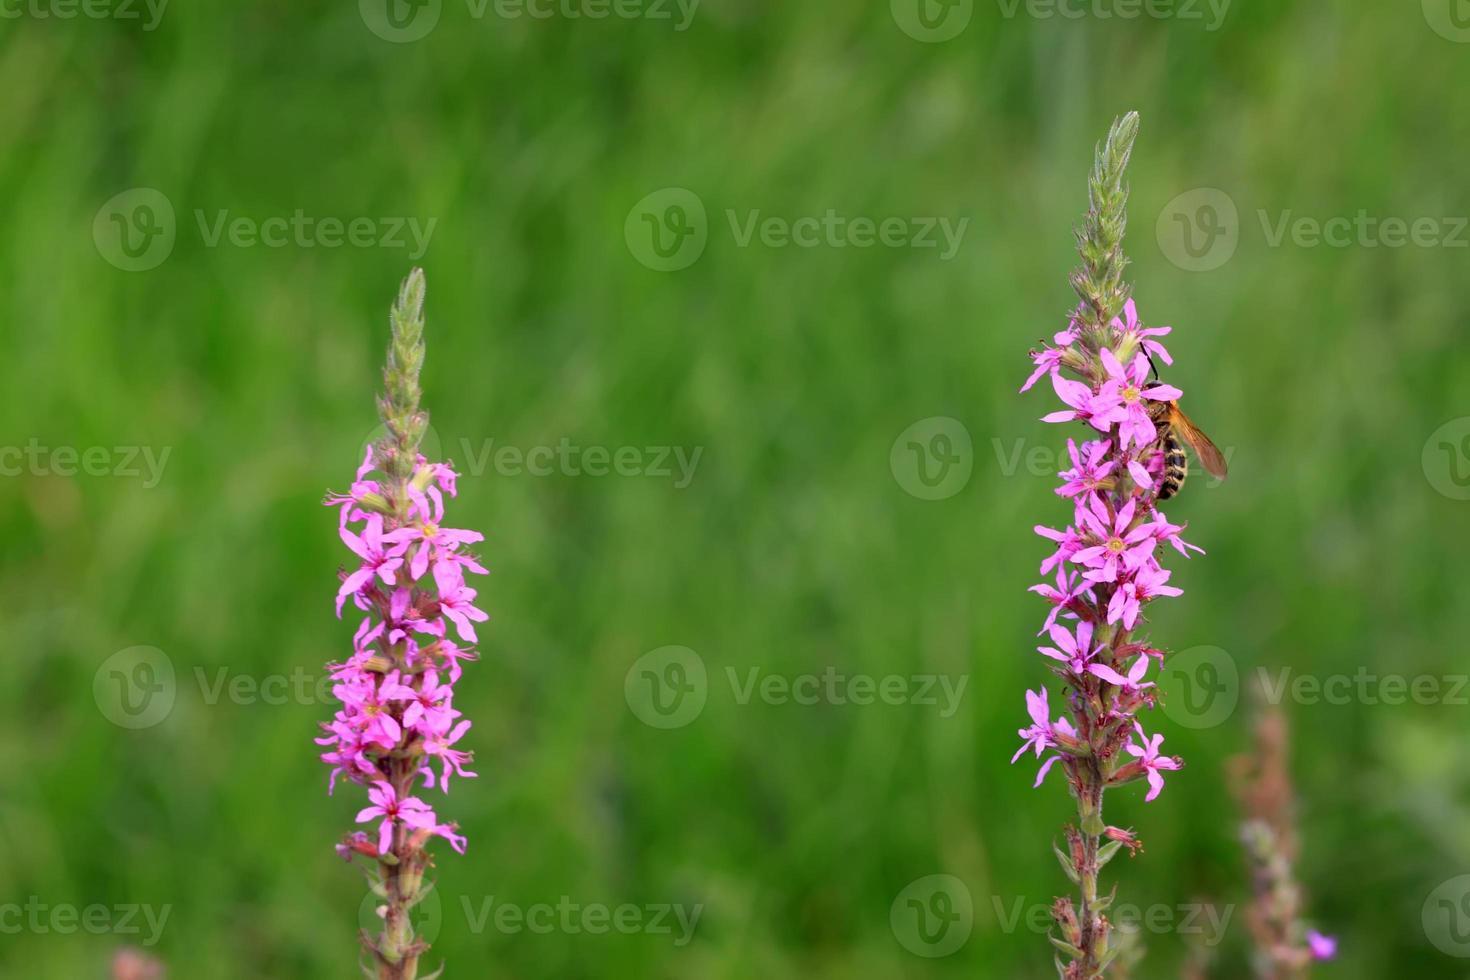 lythrum salicaria flowers photo